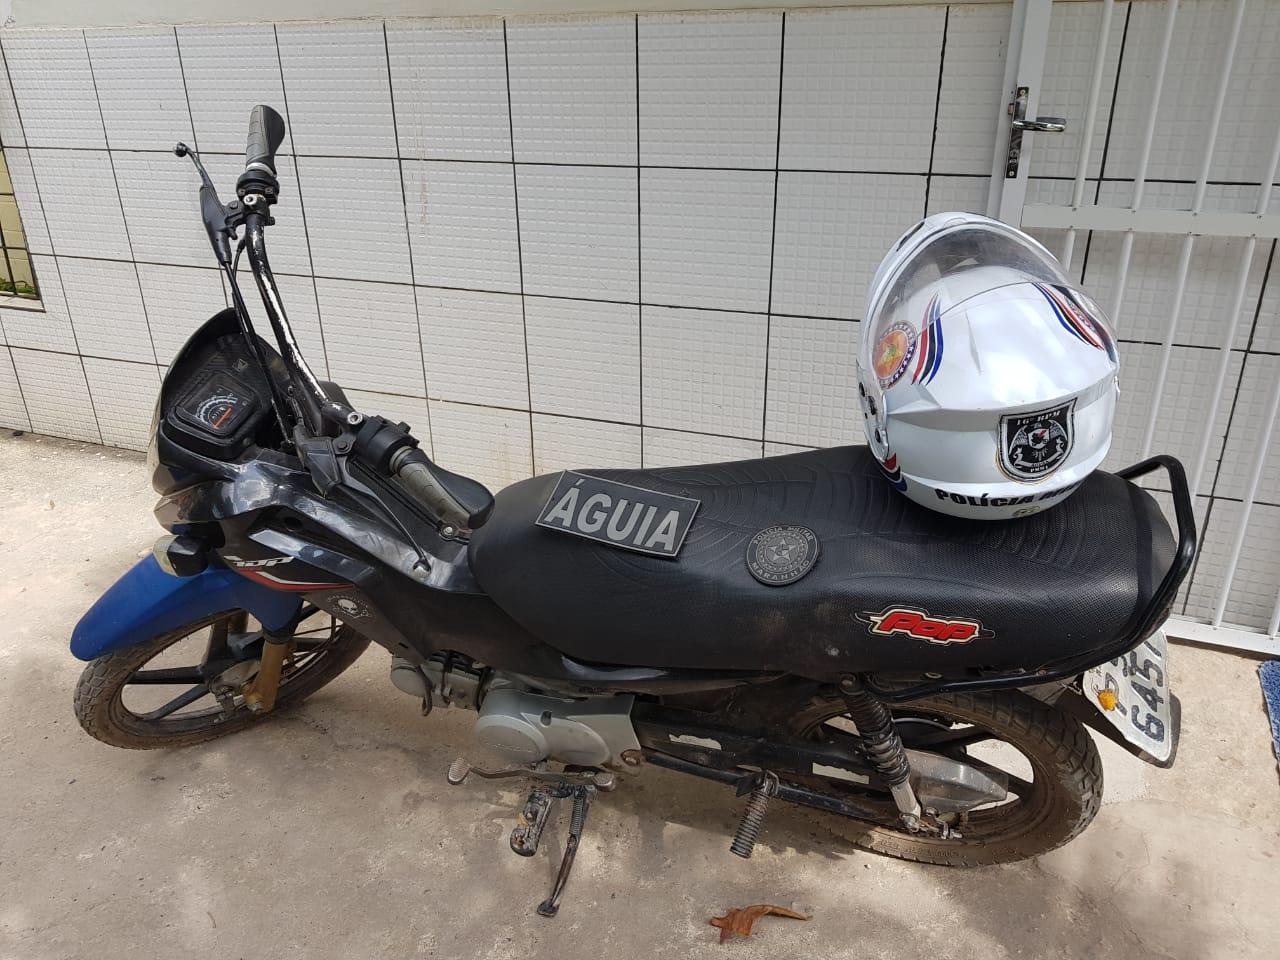 Polícia Militar recupera motocicleta roubada usada para prática de assalto em Chapadinha.